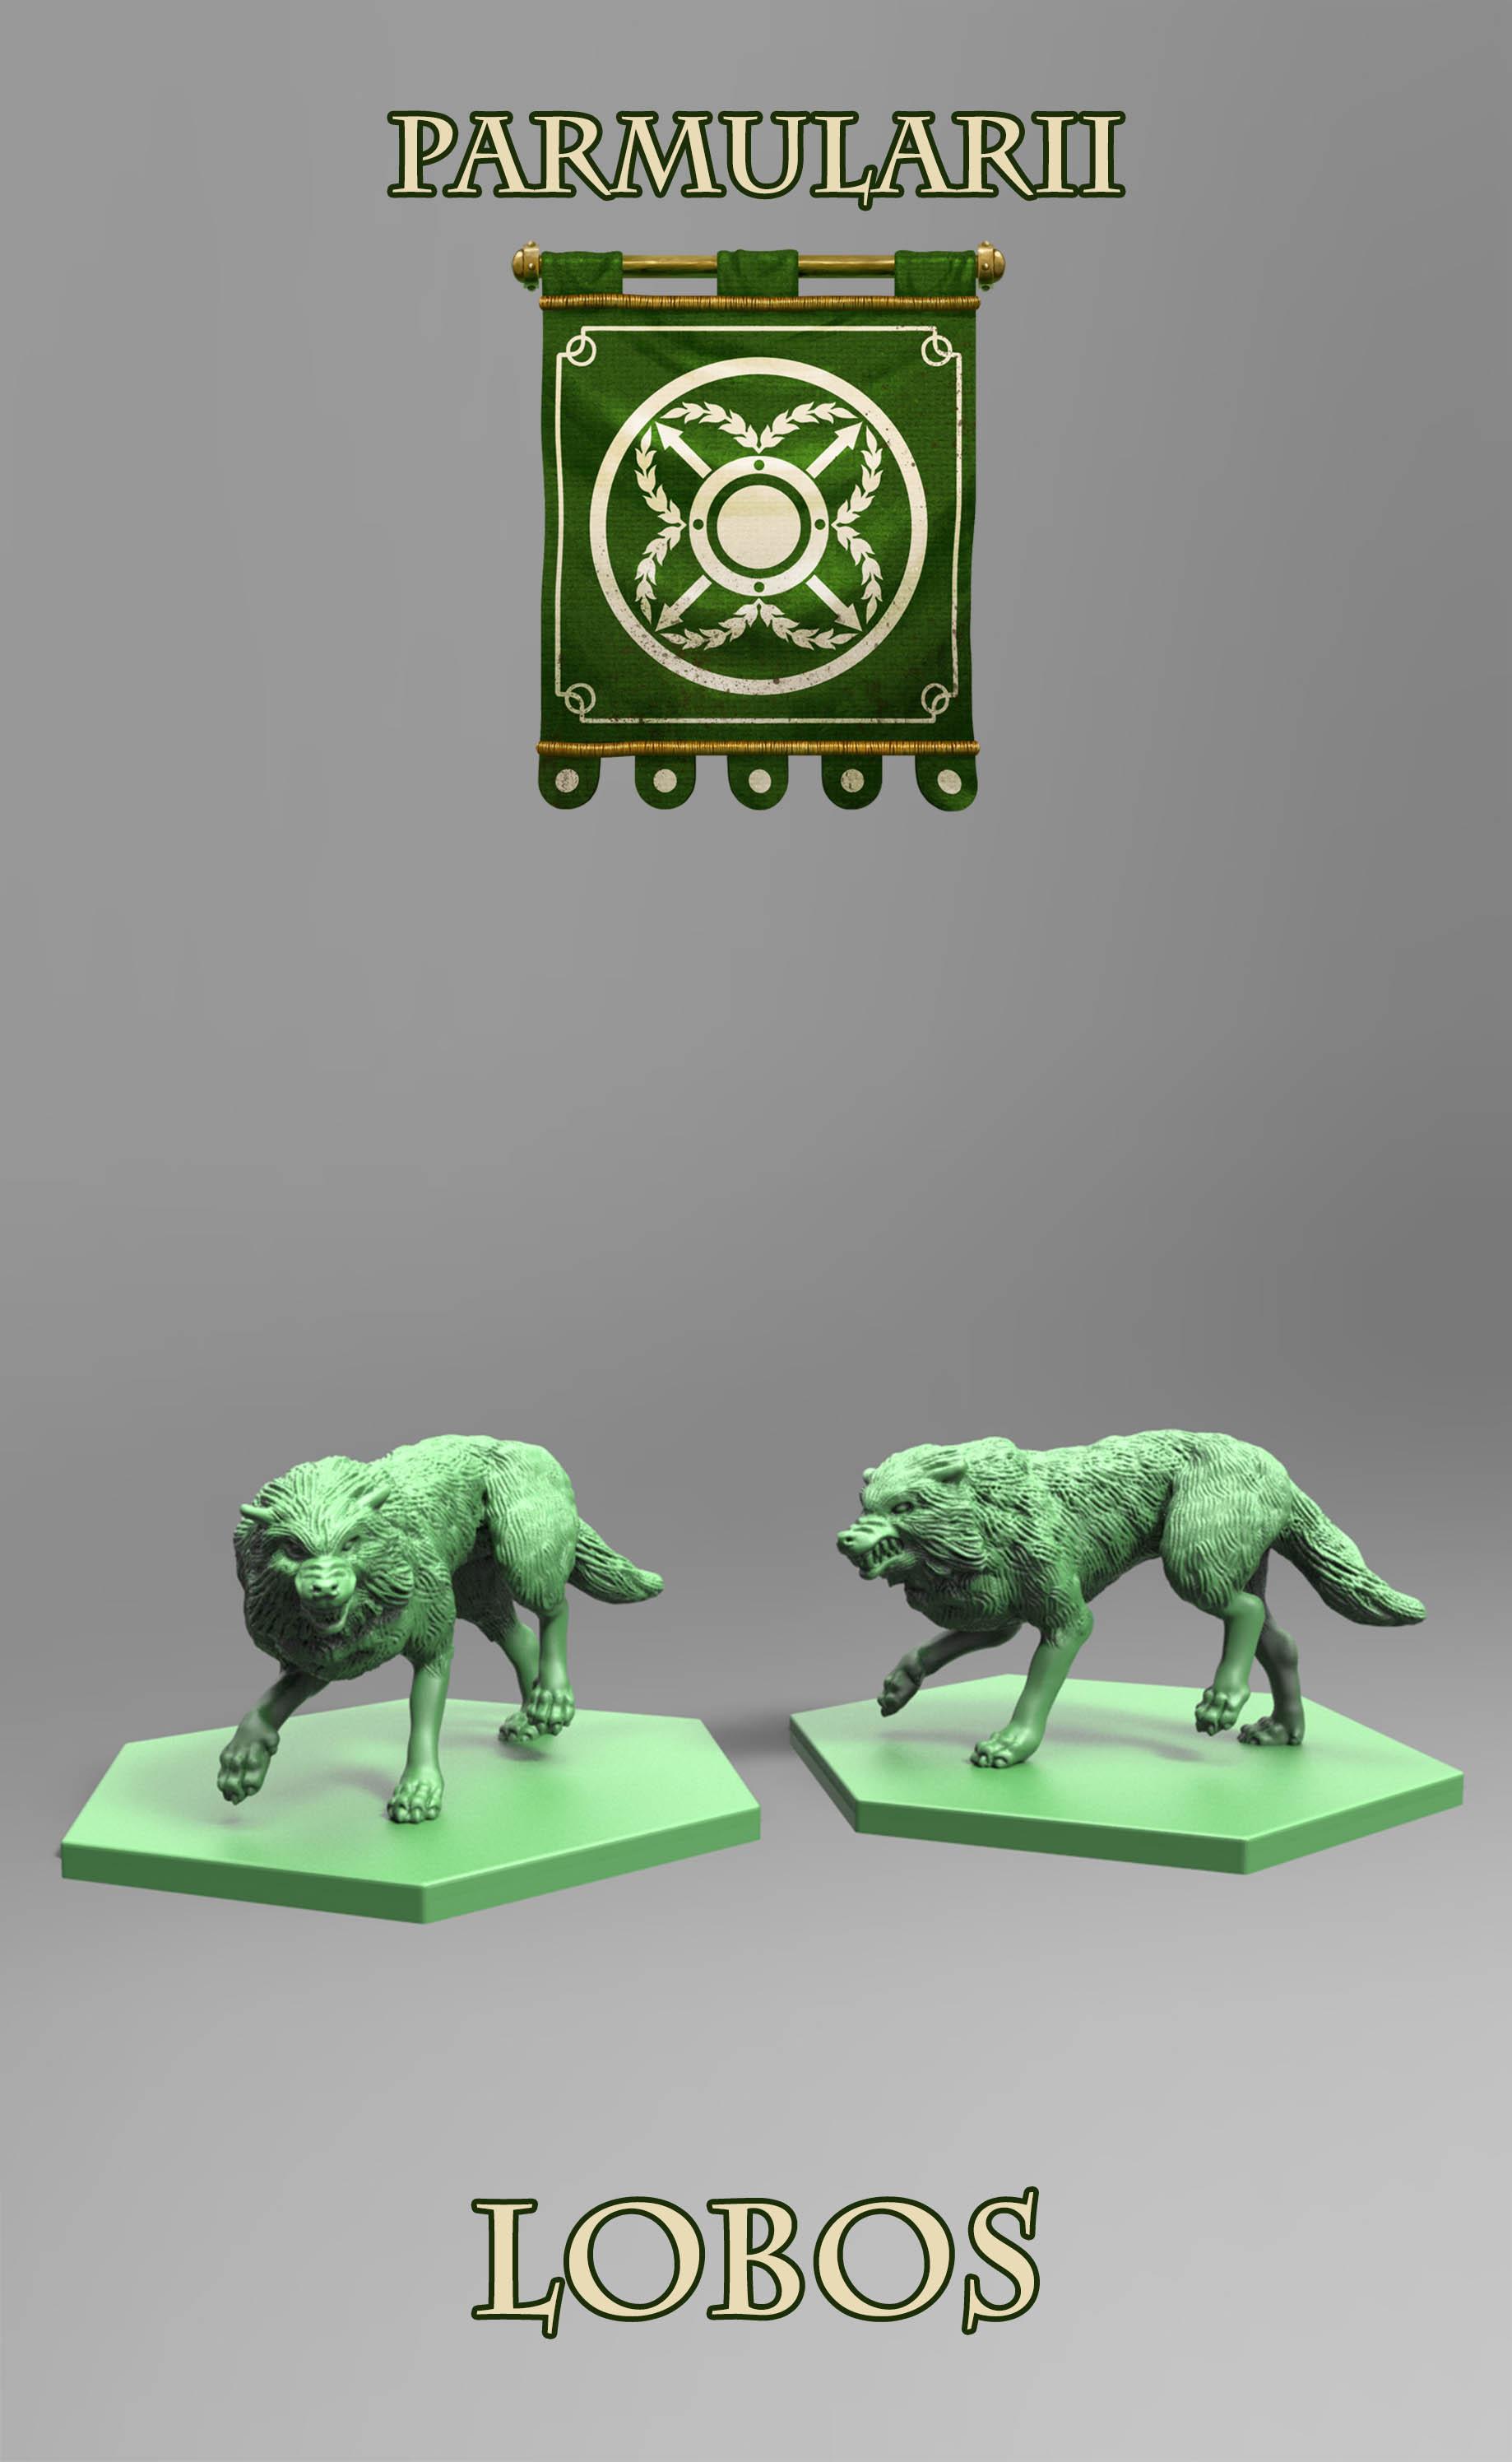 Lobos (Parmularii)